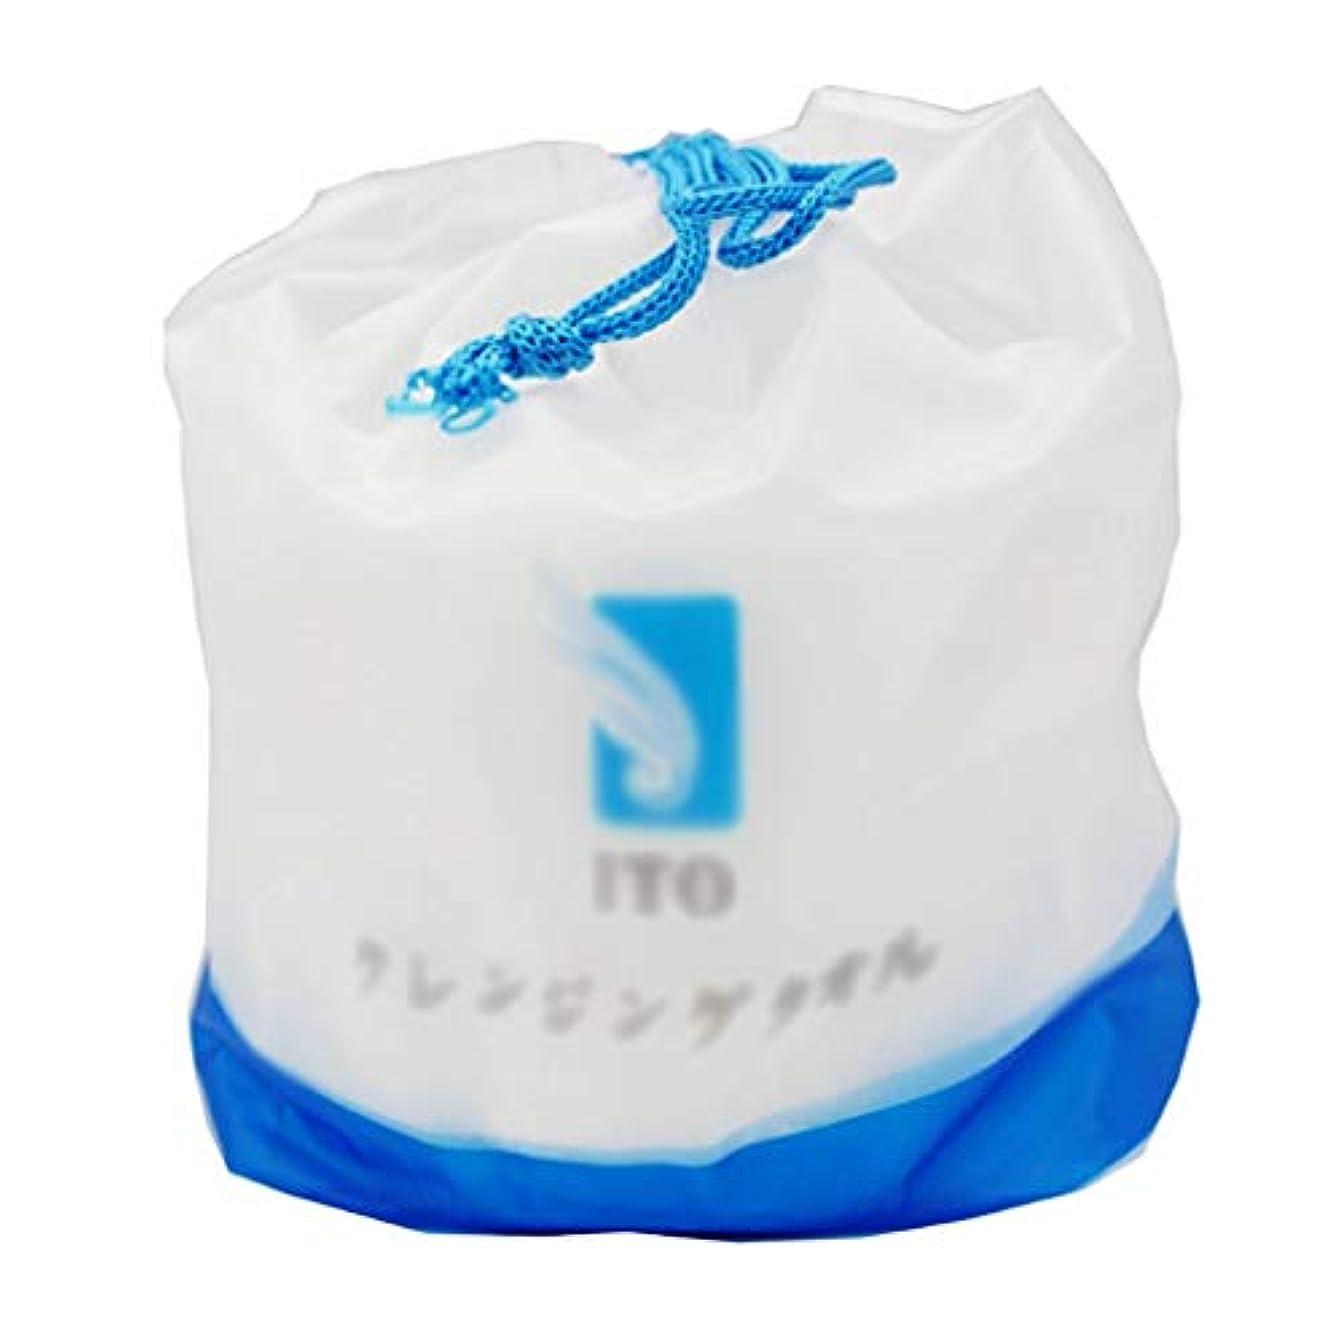 生じる警告する降ろすクレンジングシート 綿美容フェイスタオル使い捨てクレンジングタオルタオルロール綿パッド女性の美容ツール多目的 (Color : White, サイズ : 20*25cm)